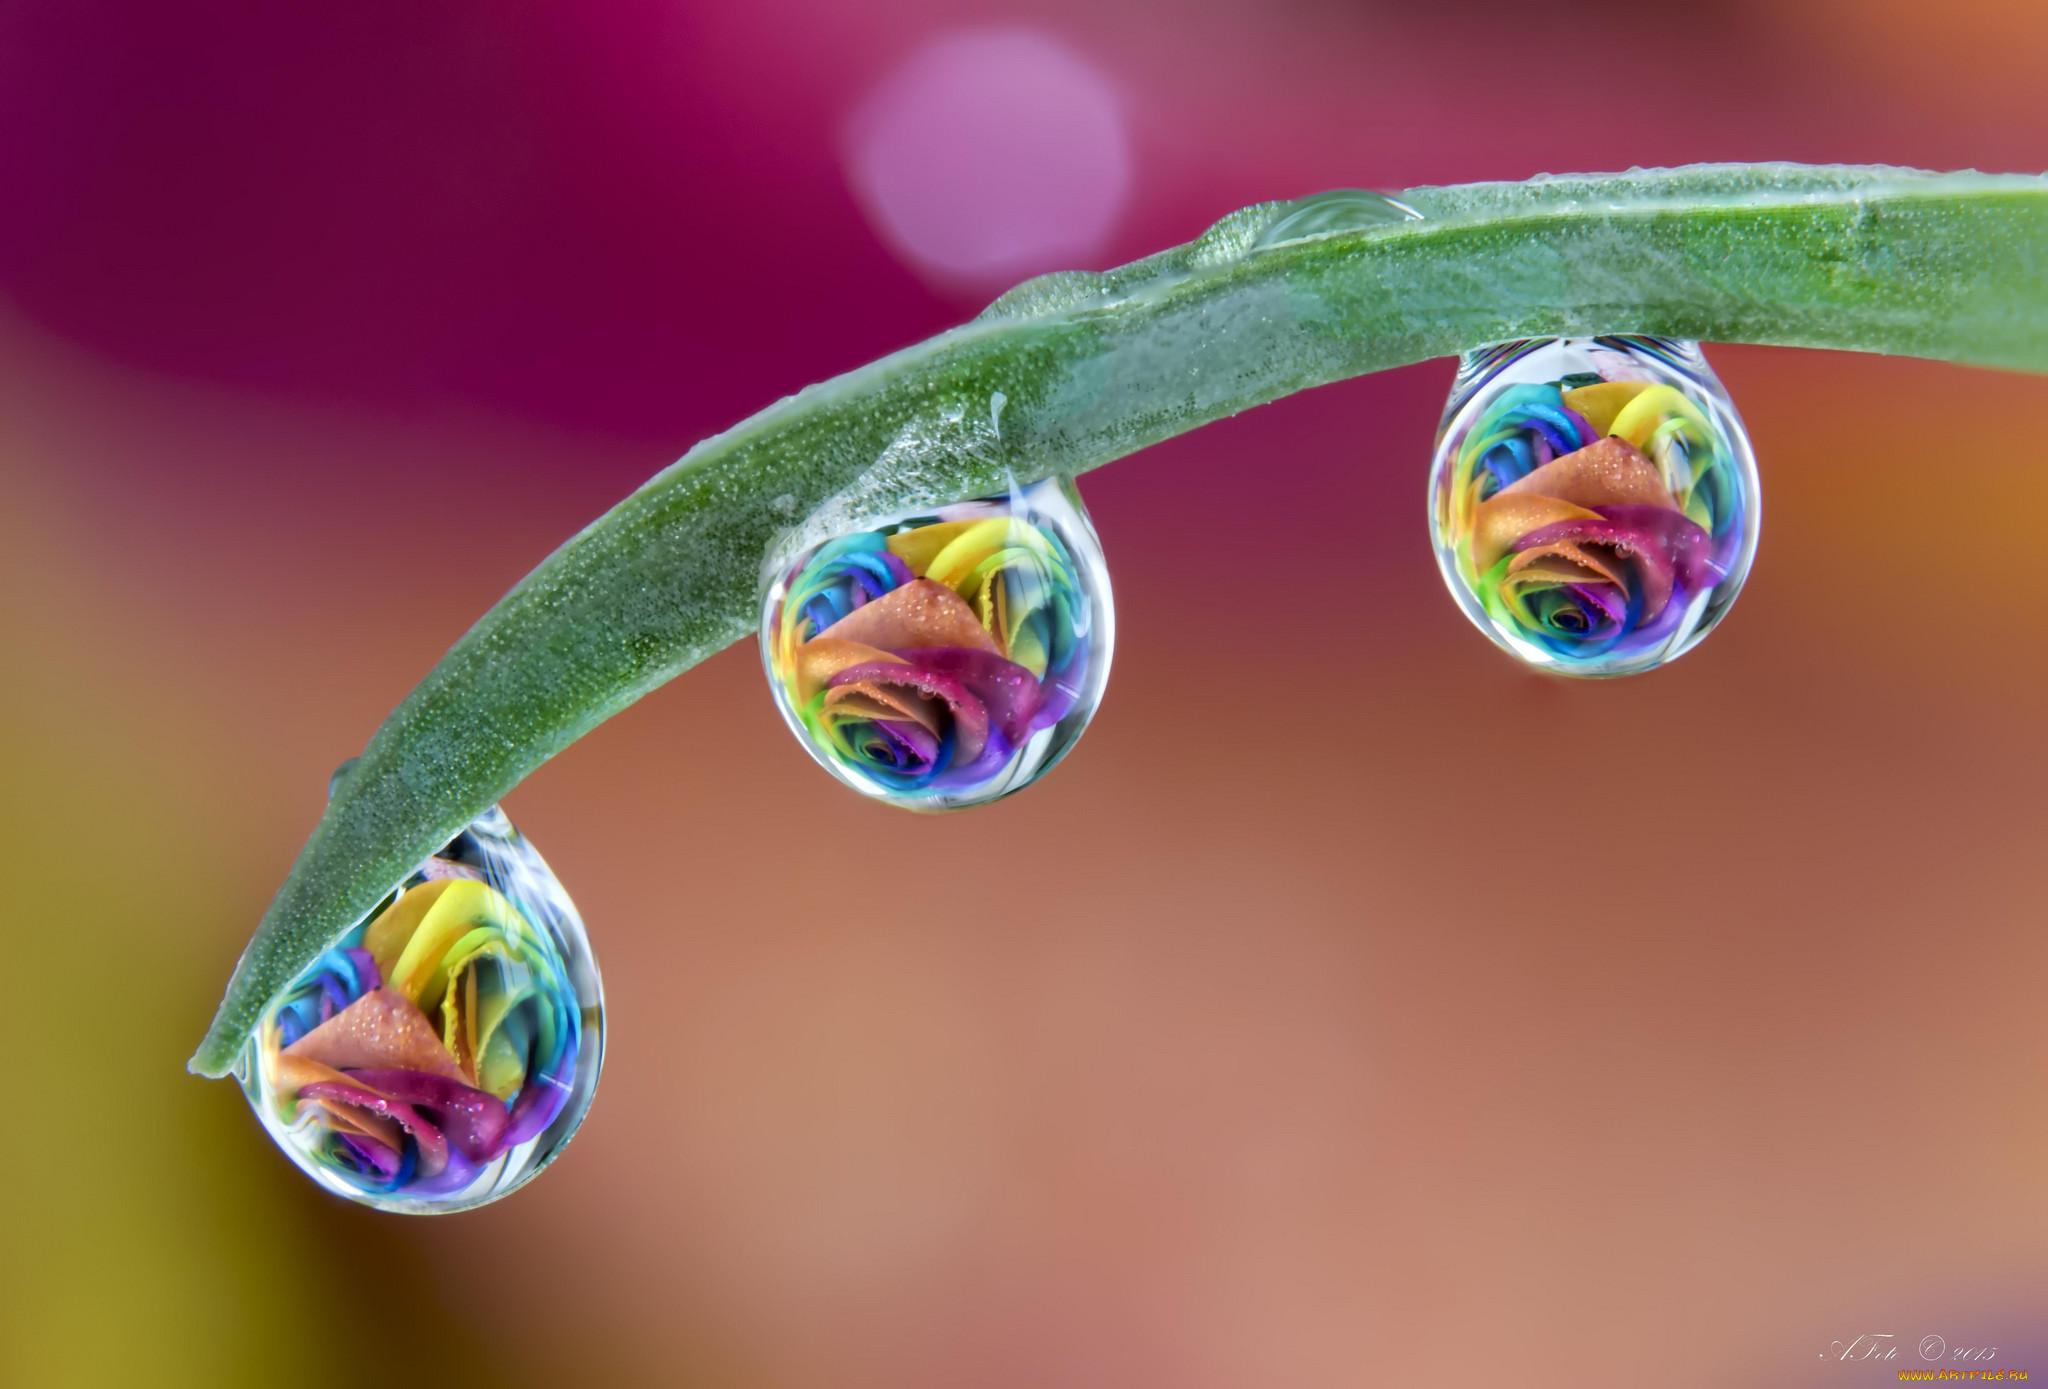 Красивые фото макросъемки воды менее есть